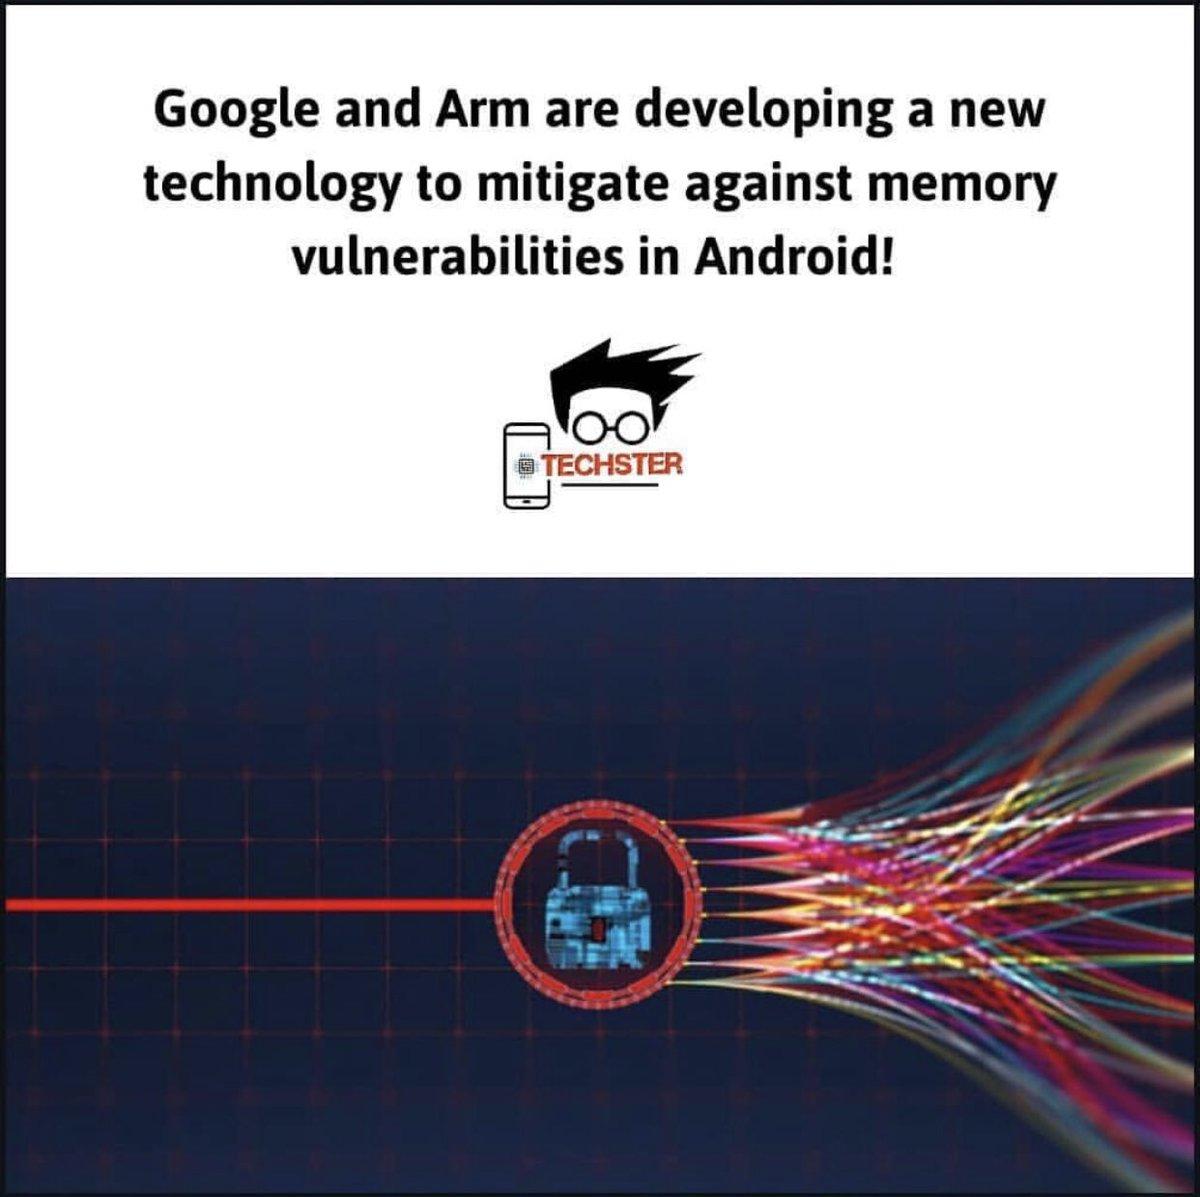 #reeltechtips #arm #googlenews #google #memory #new #tech #beingtechster  #Technology #news #technewspic.twitter.com/5ECUOnAaj4